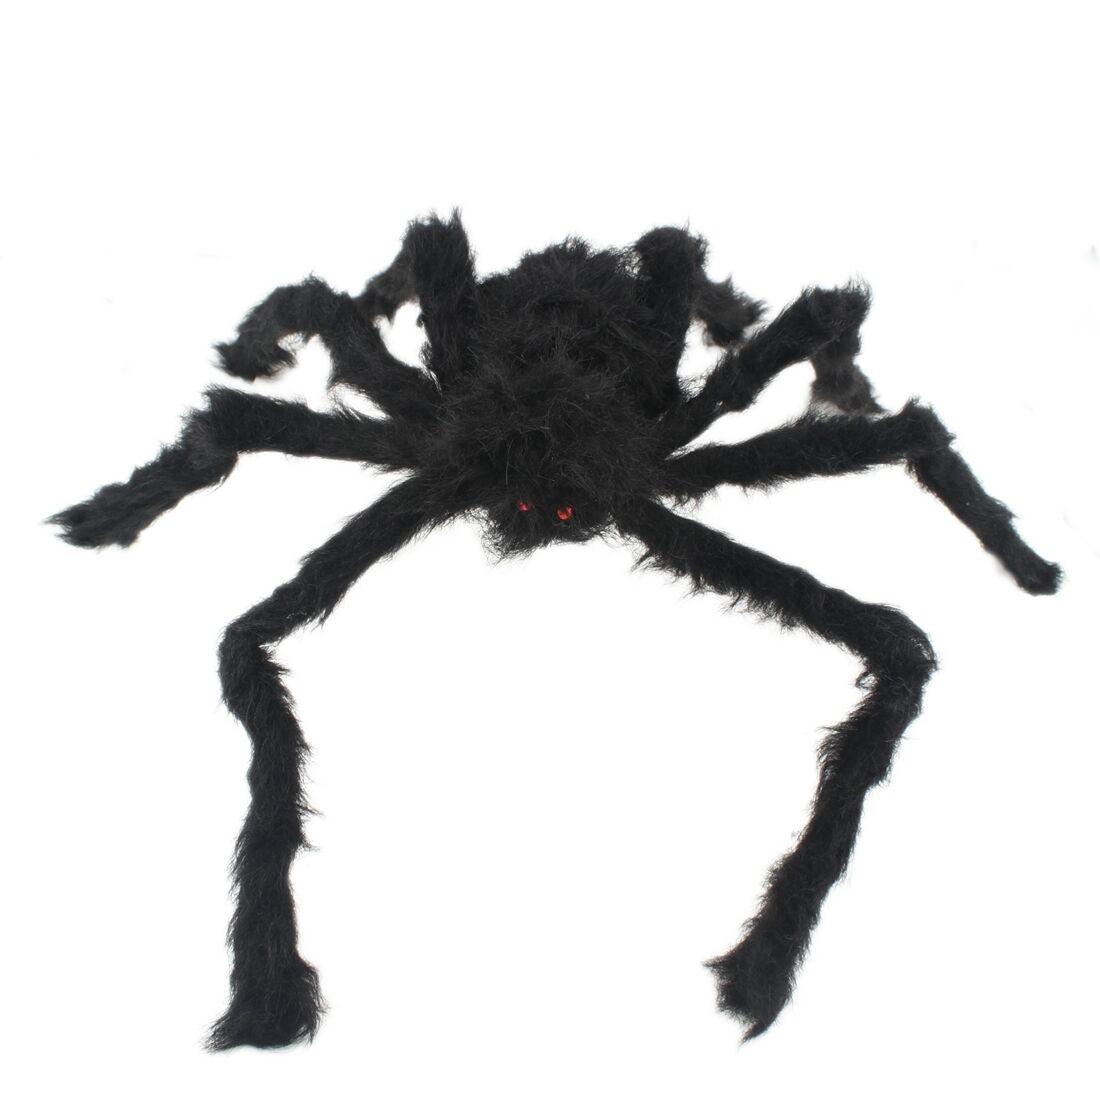 Rot Und Schwarz S6E2 75Cm GrossE Spinne PlueSch-Spielzeug Halloween-Dekor